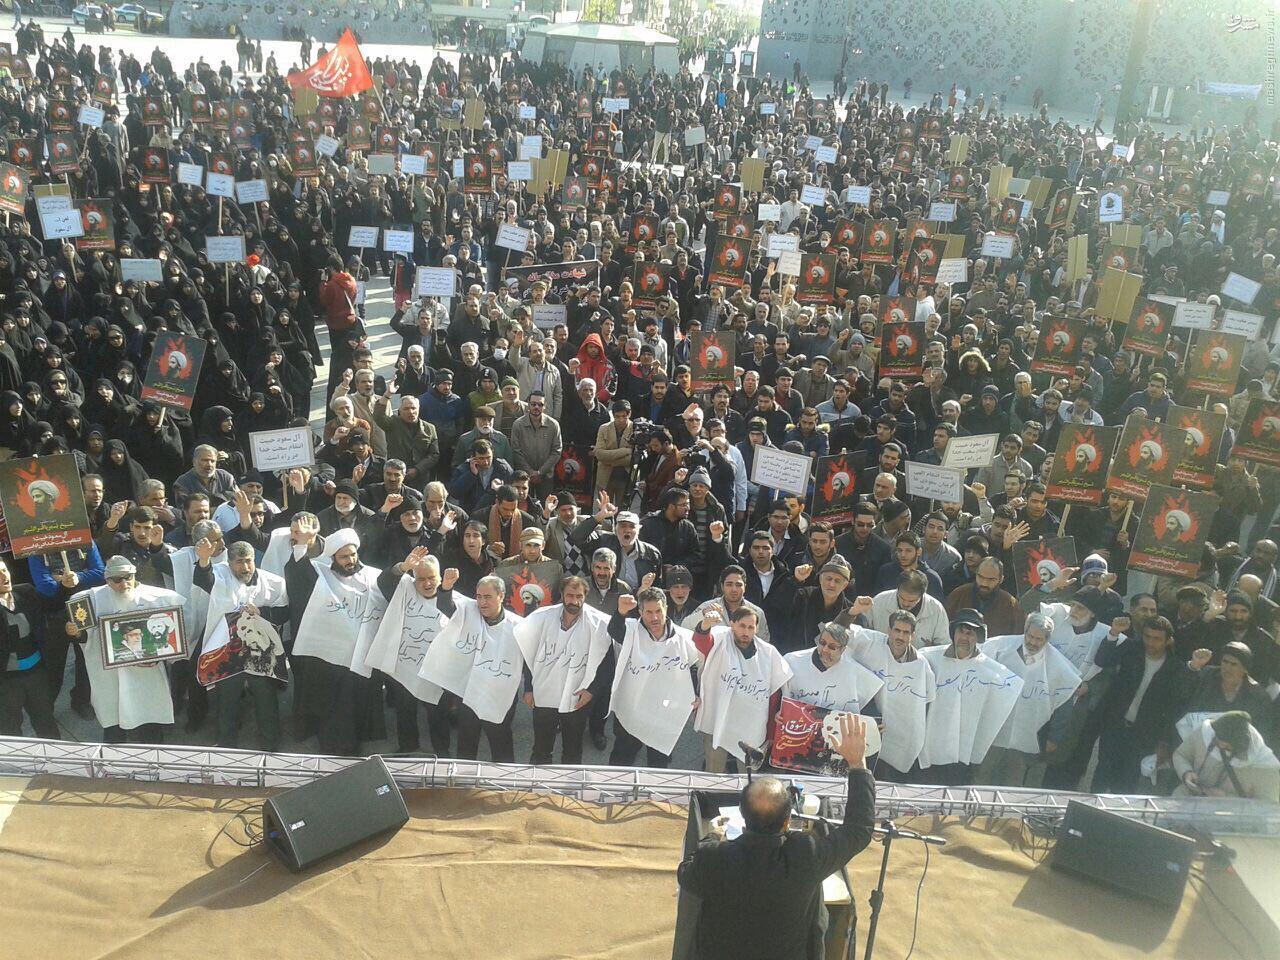 آغاز تجمع مردم و دانشجویان علیه آل سعود در میدان امام حسین(ع)